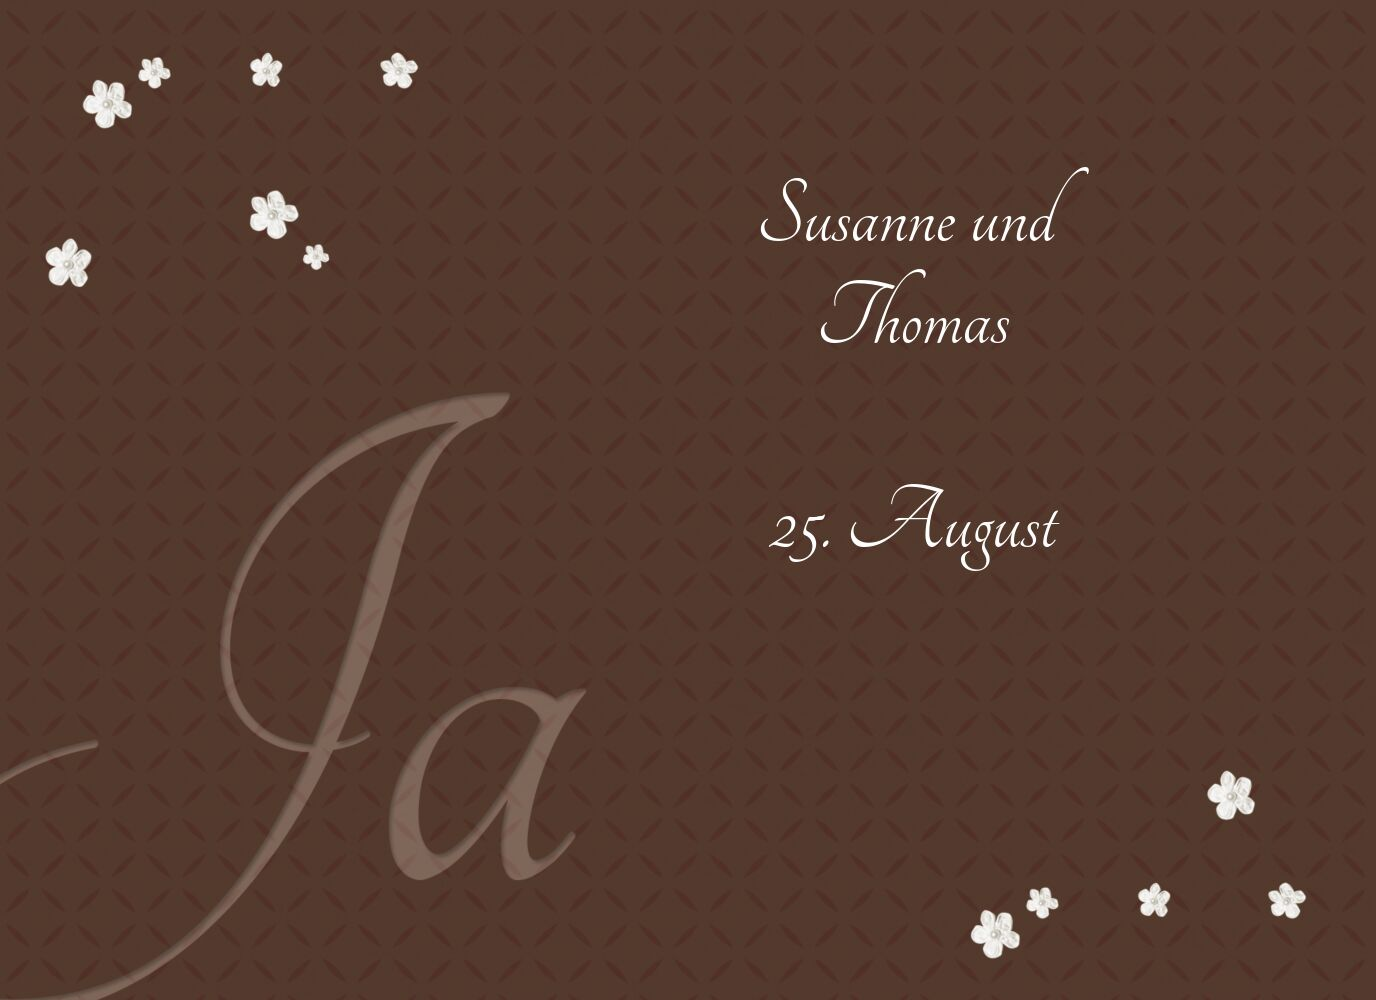 Ansicht 4 - Hochzeit Einladung romantic flower